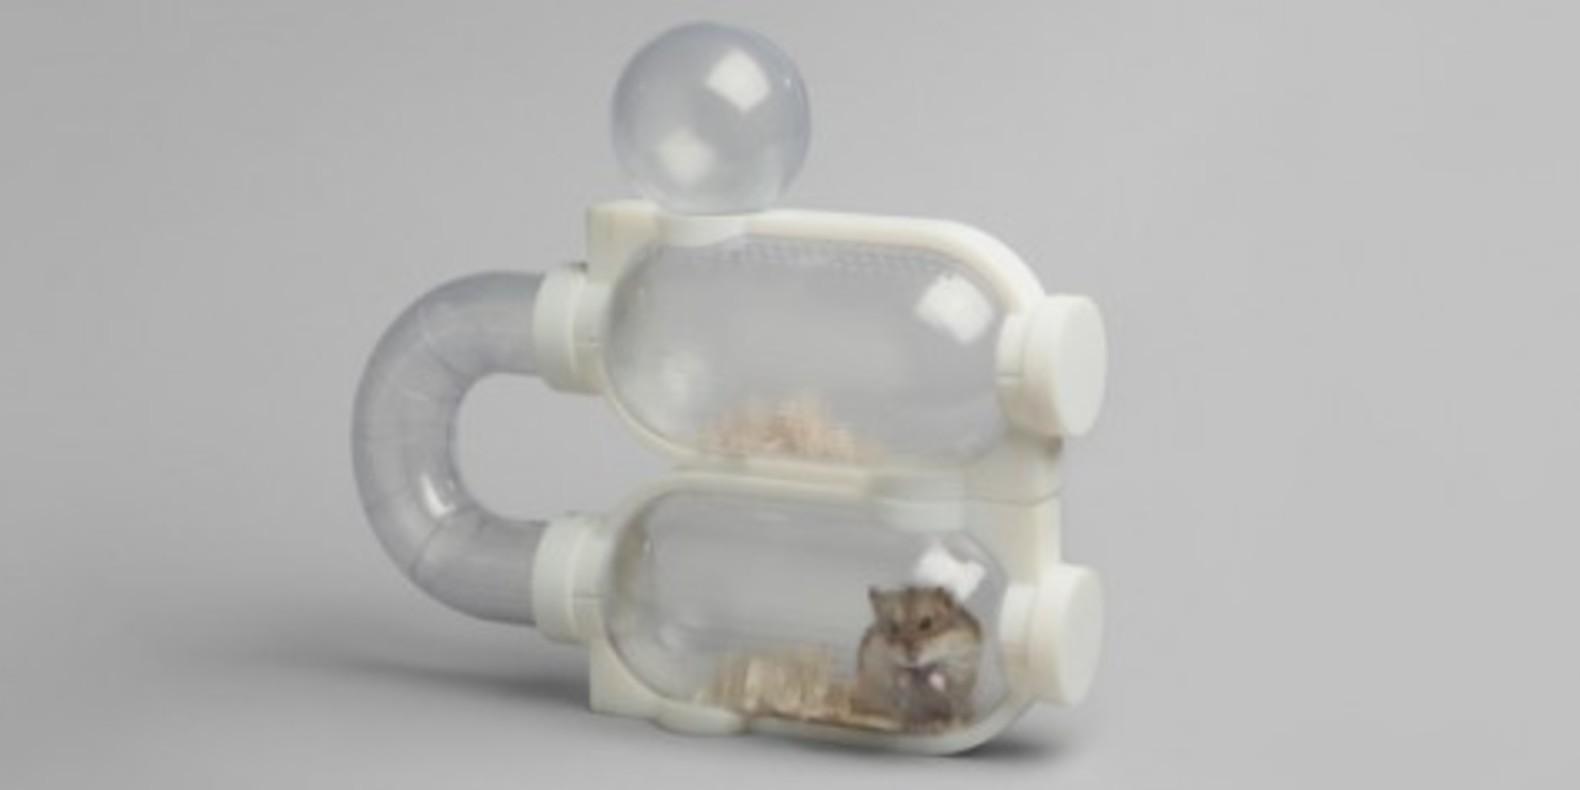 leo the maker prince carla diana HI-HO 3D printing printed livre sur l'impression 3D cults cults3D objet 3D robot brooklyn make